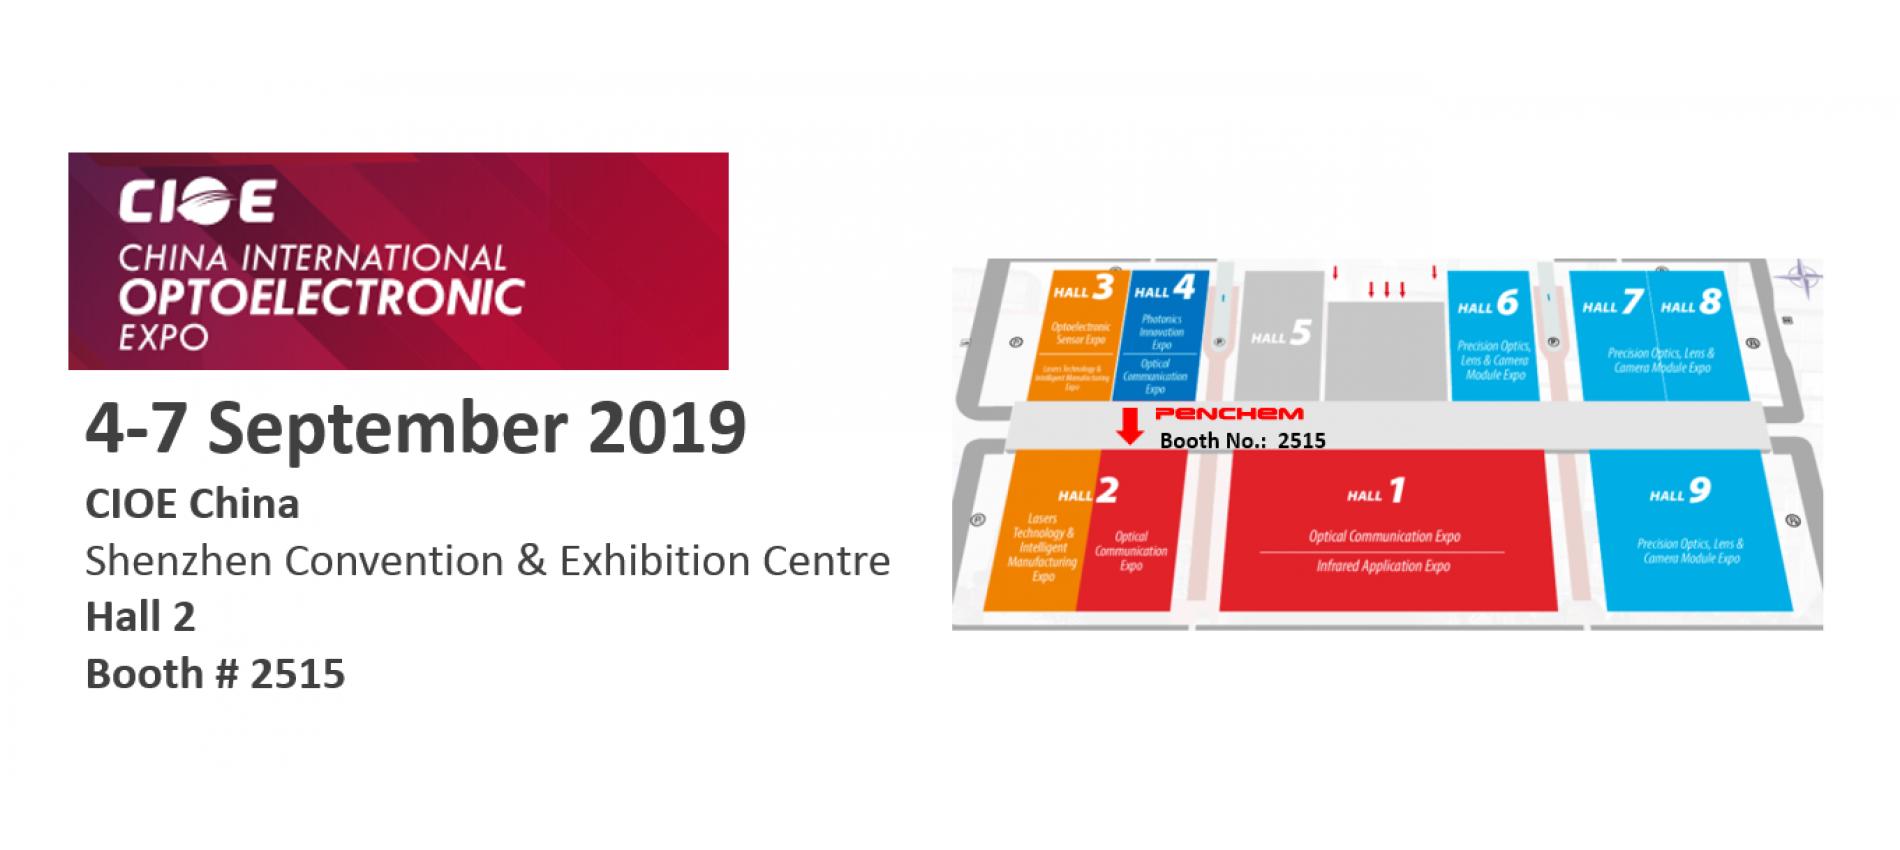 2019 Exhibition